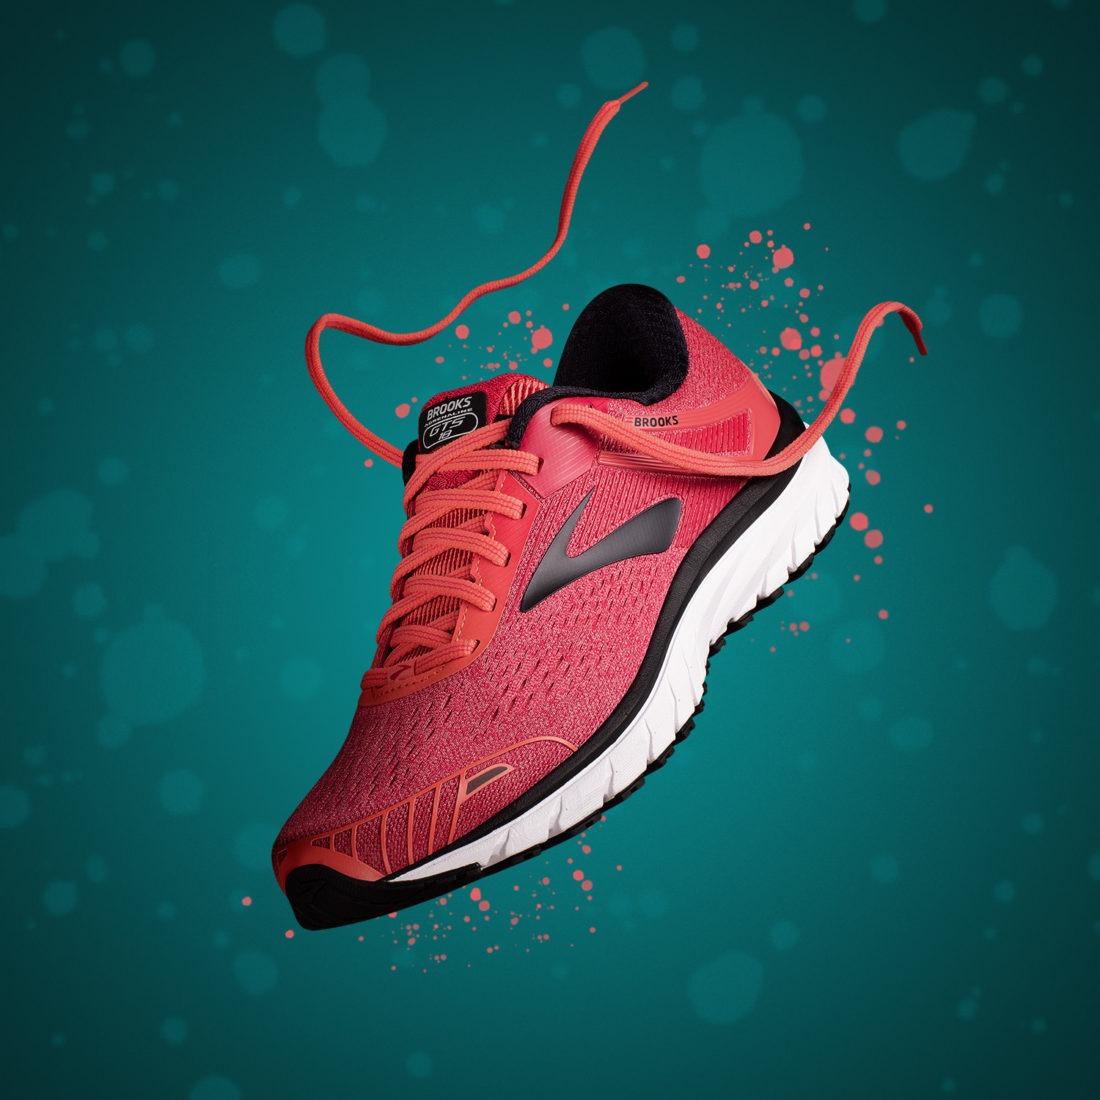 Foto prodotto scarpa sportiva